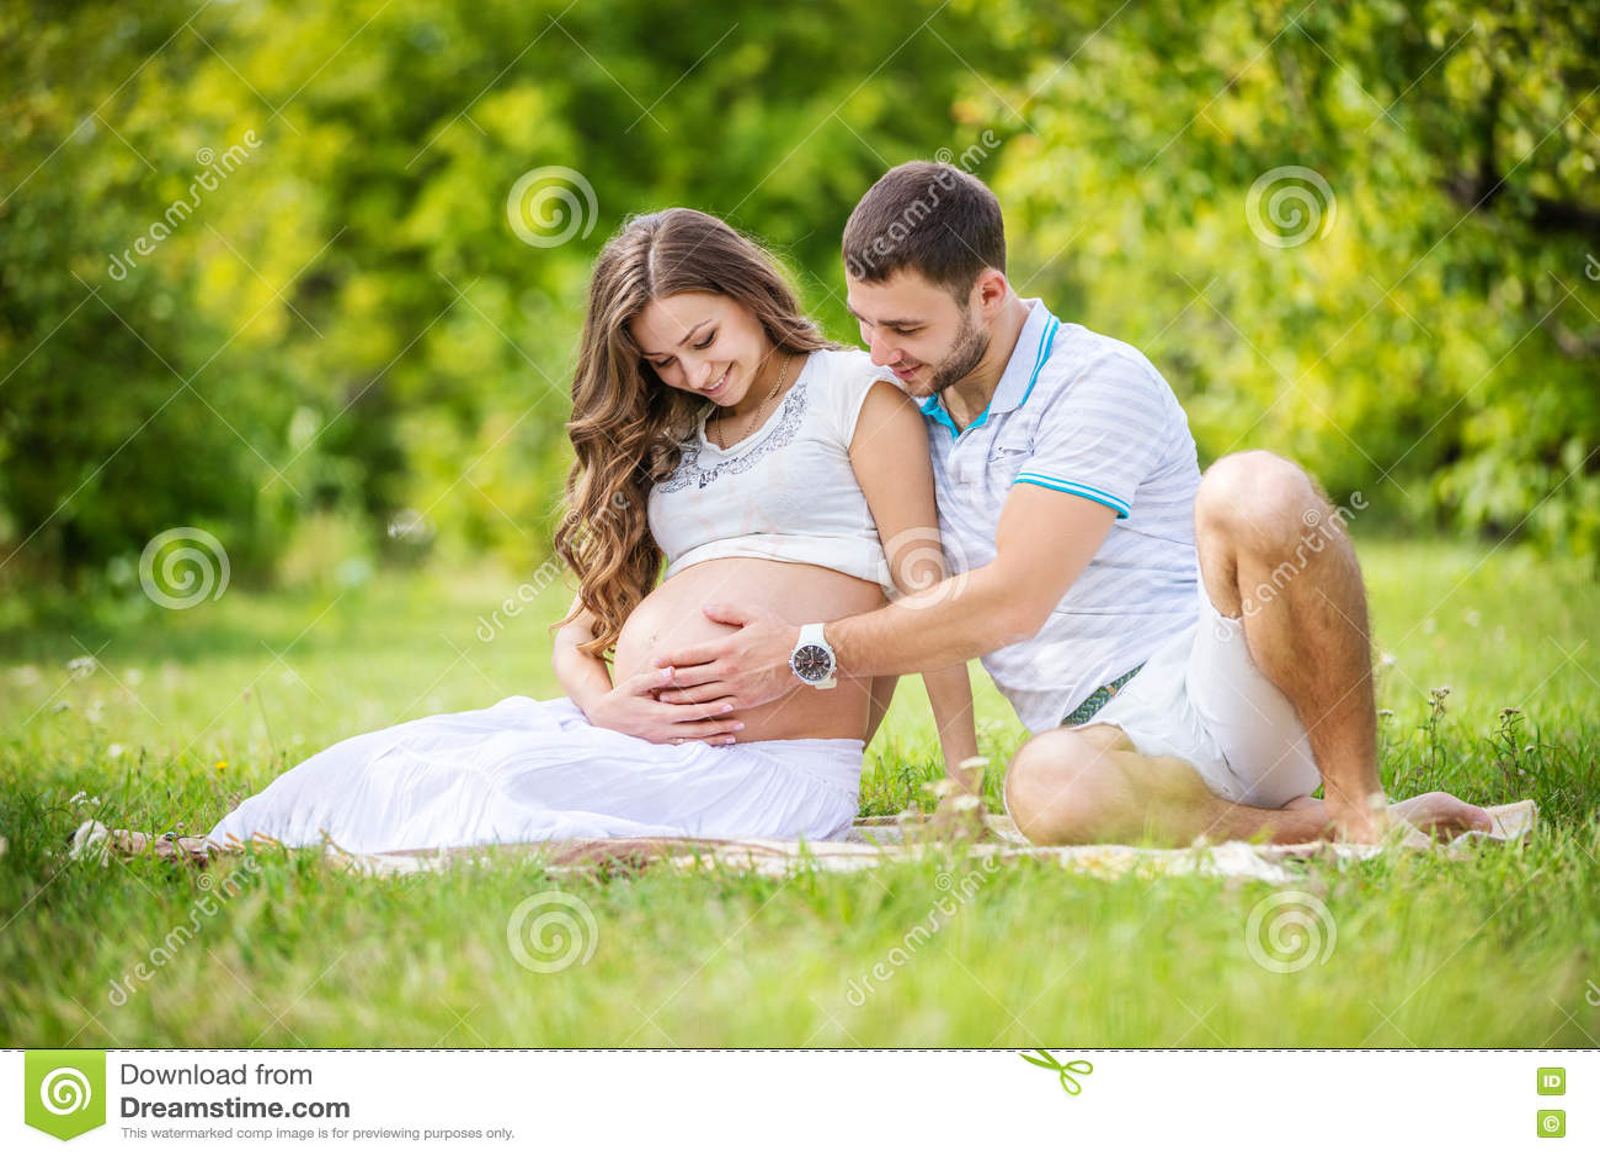 Szczęśliwi potomstwa dobierają się oczekiwać dziecka, kobieta w ciąży z męża wzruszającym brzuchem